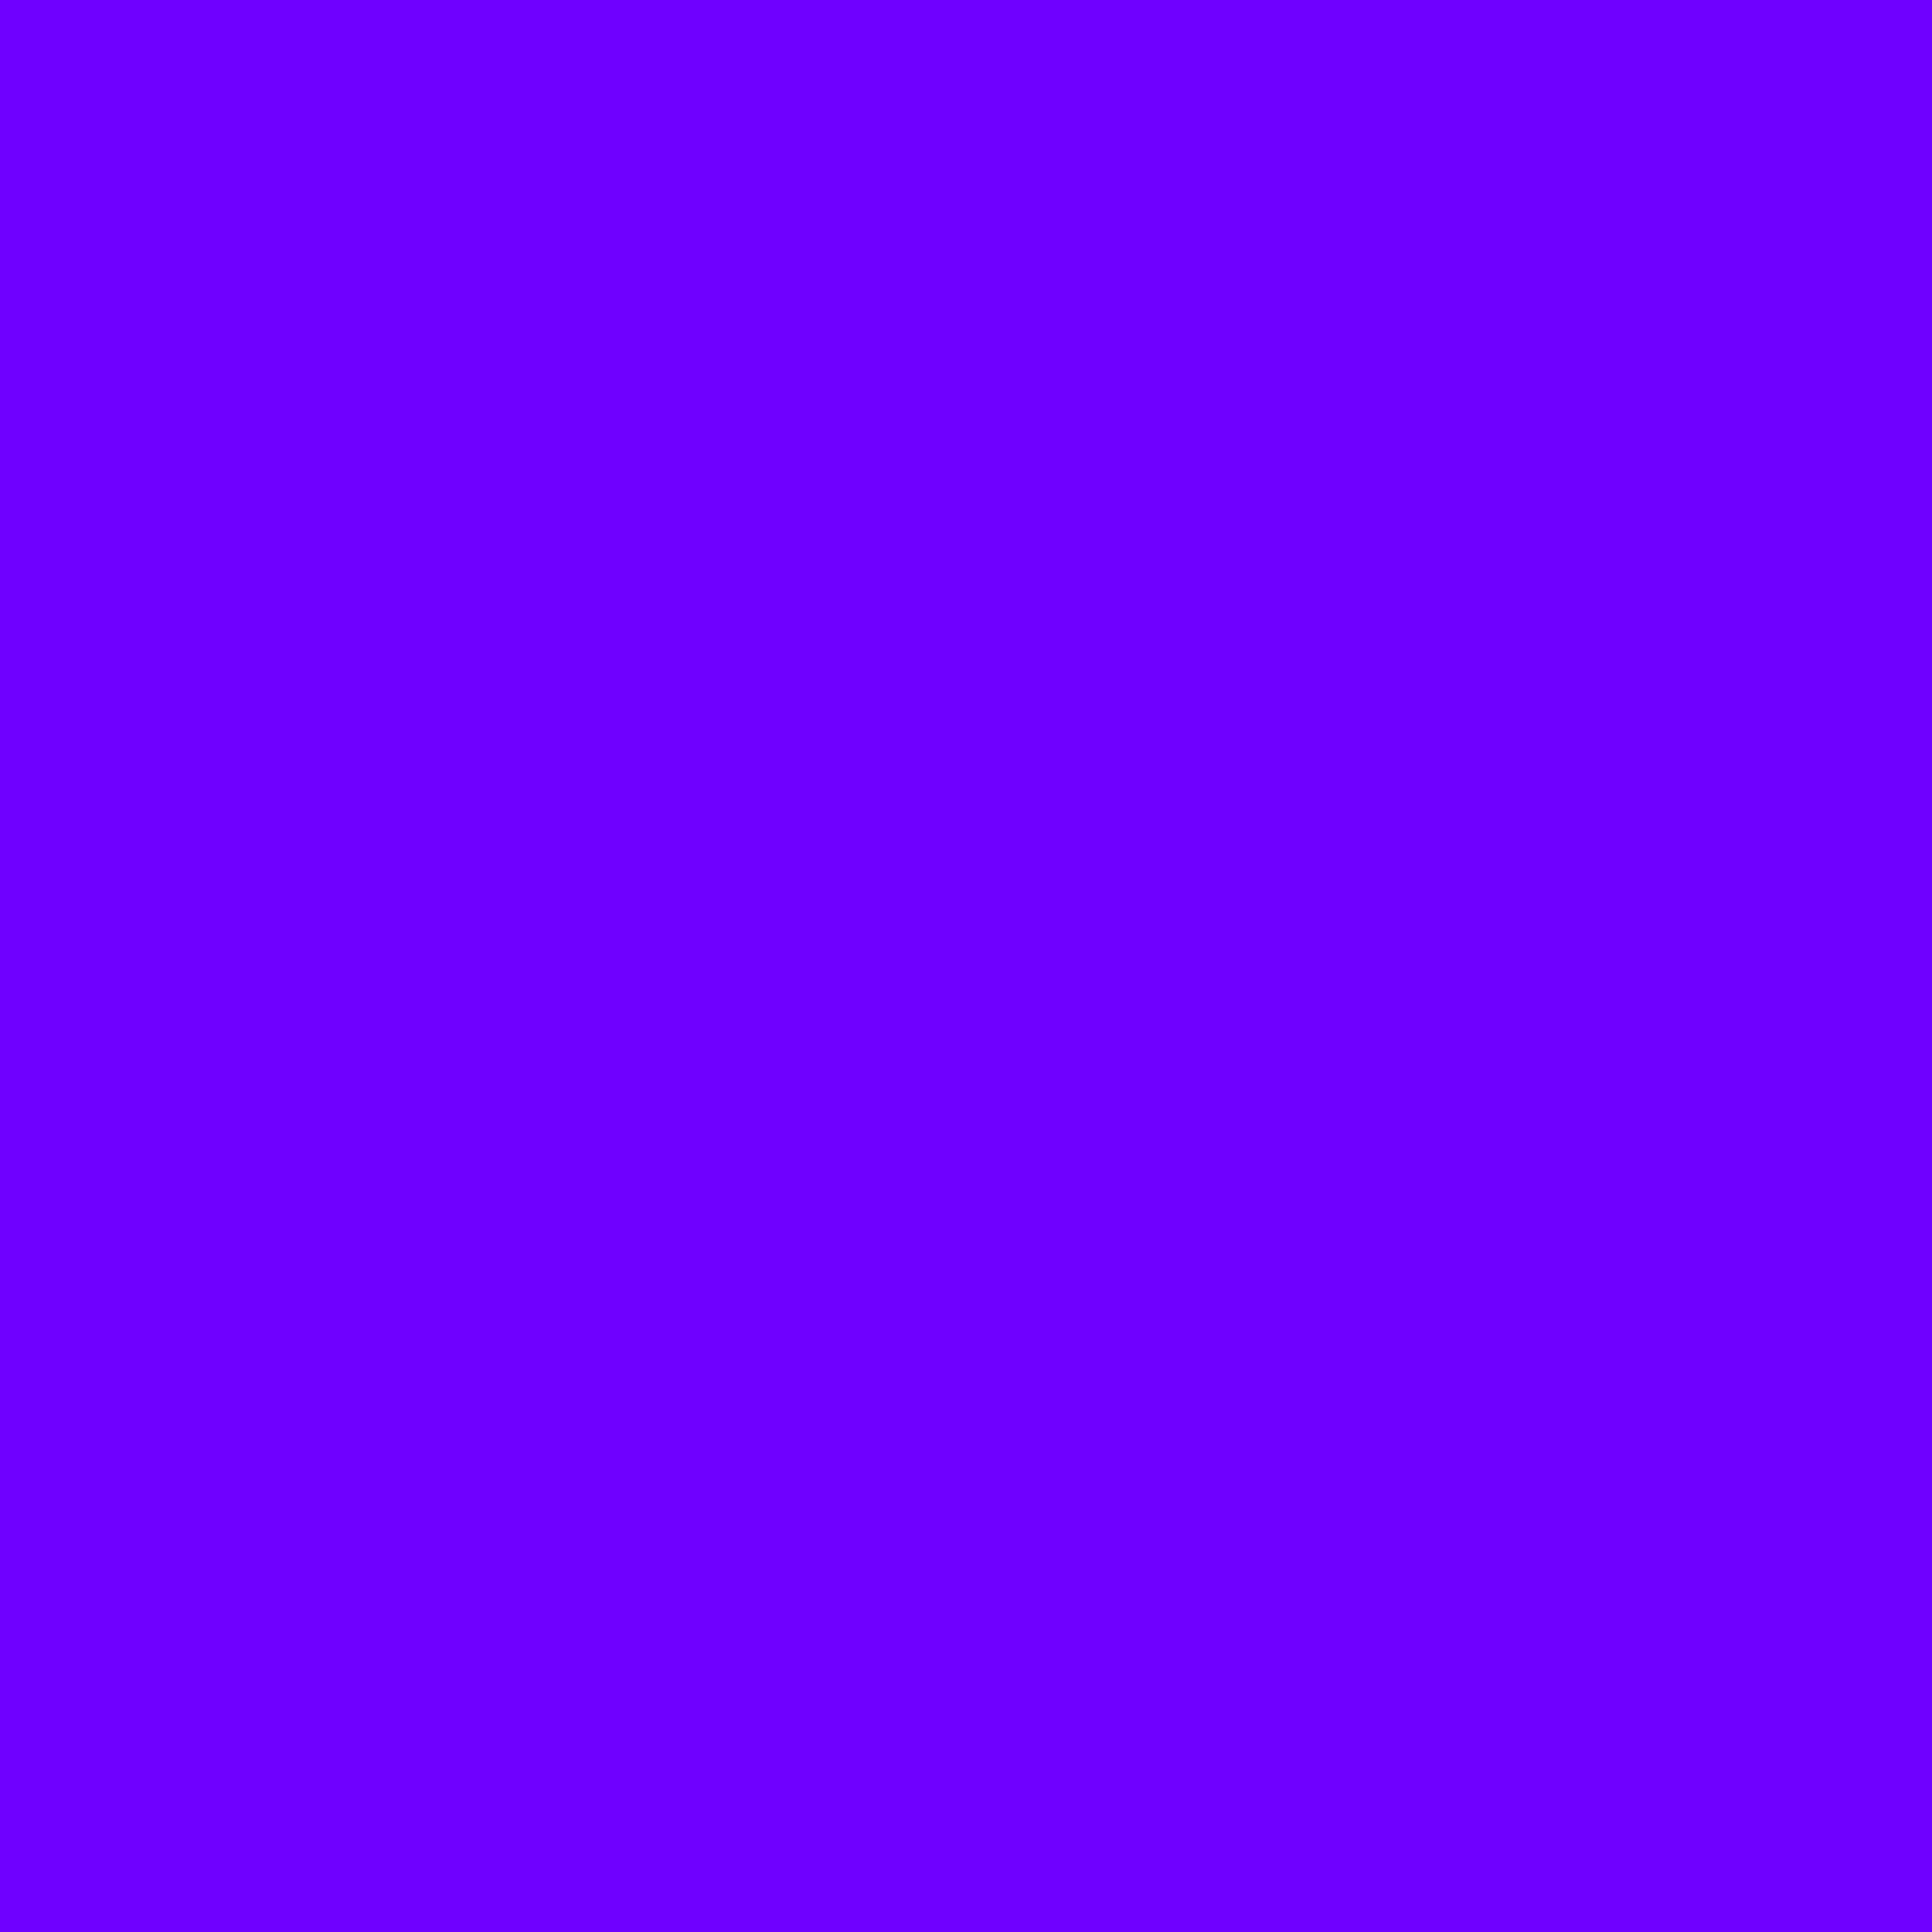 2732x2732 Indigo Solid Color Background